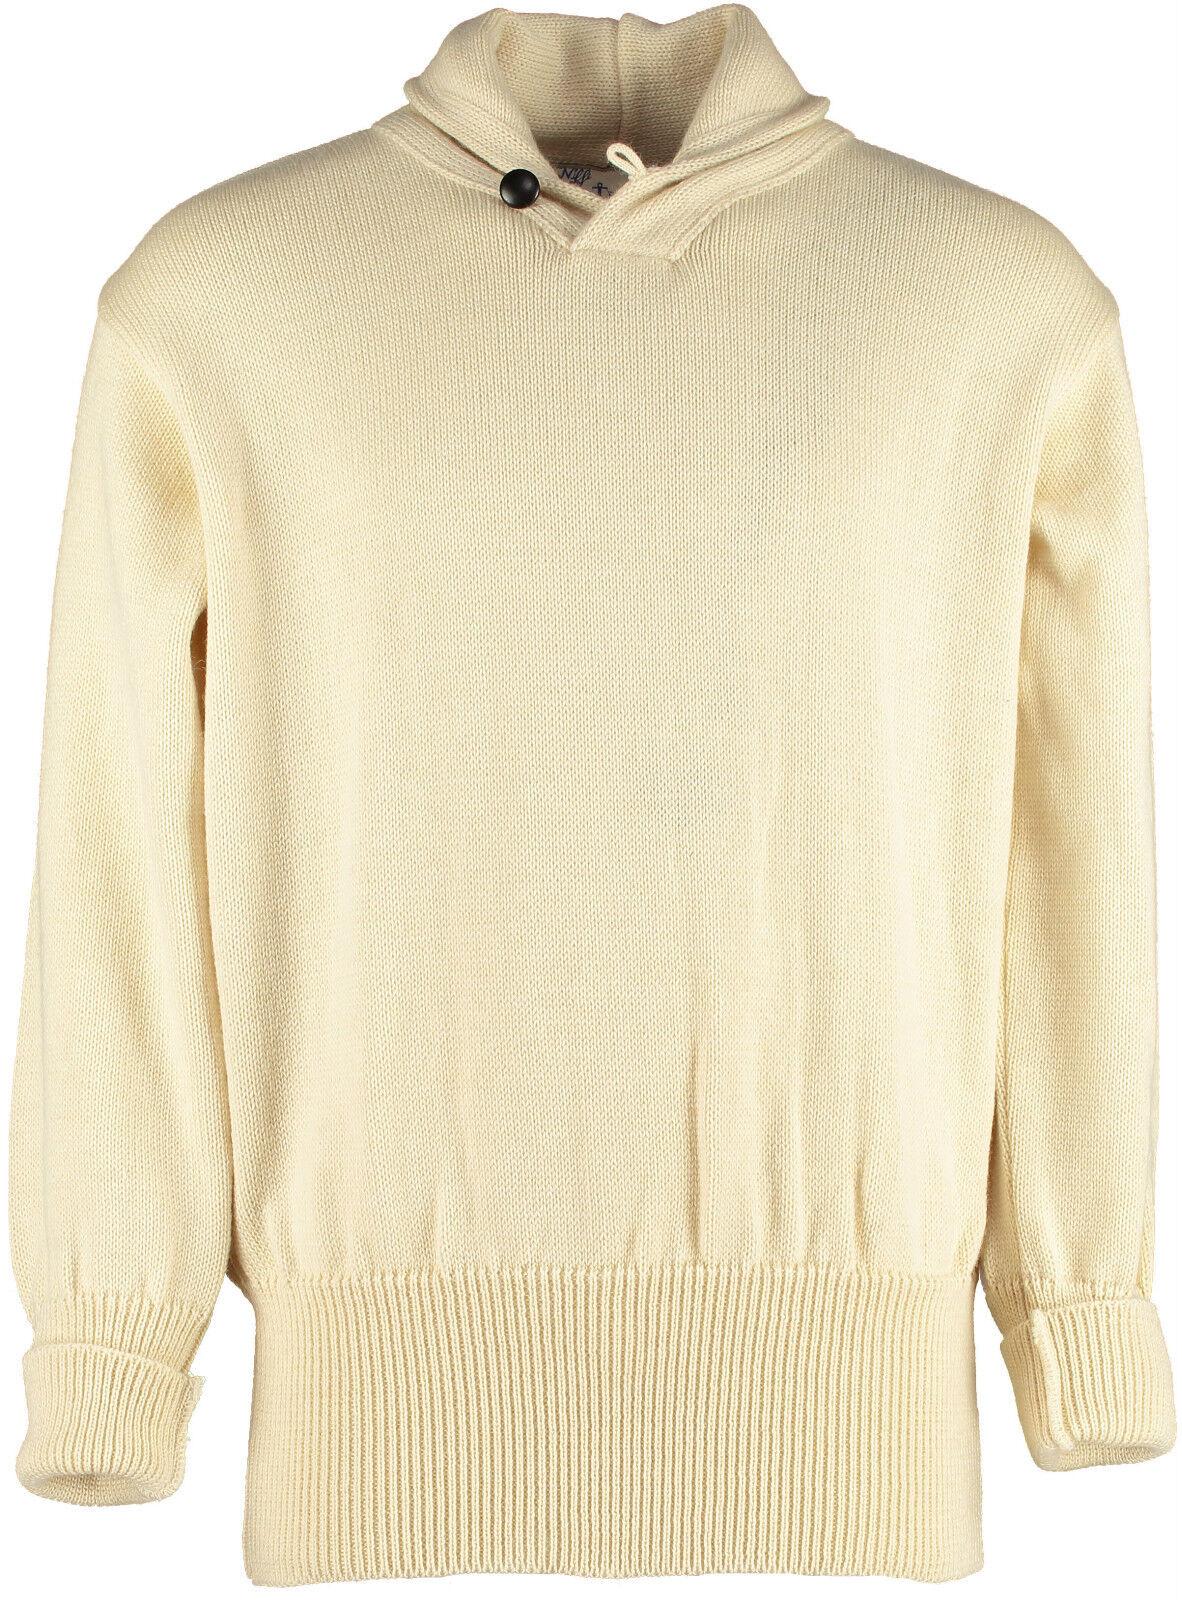 Faslane Classic Seaman's Shawl Collar Sweater  41103